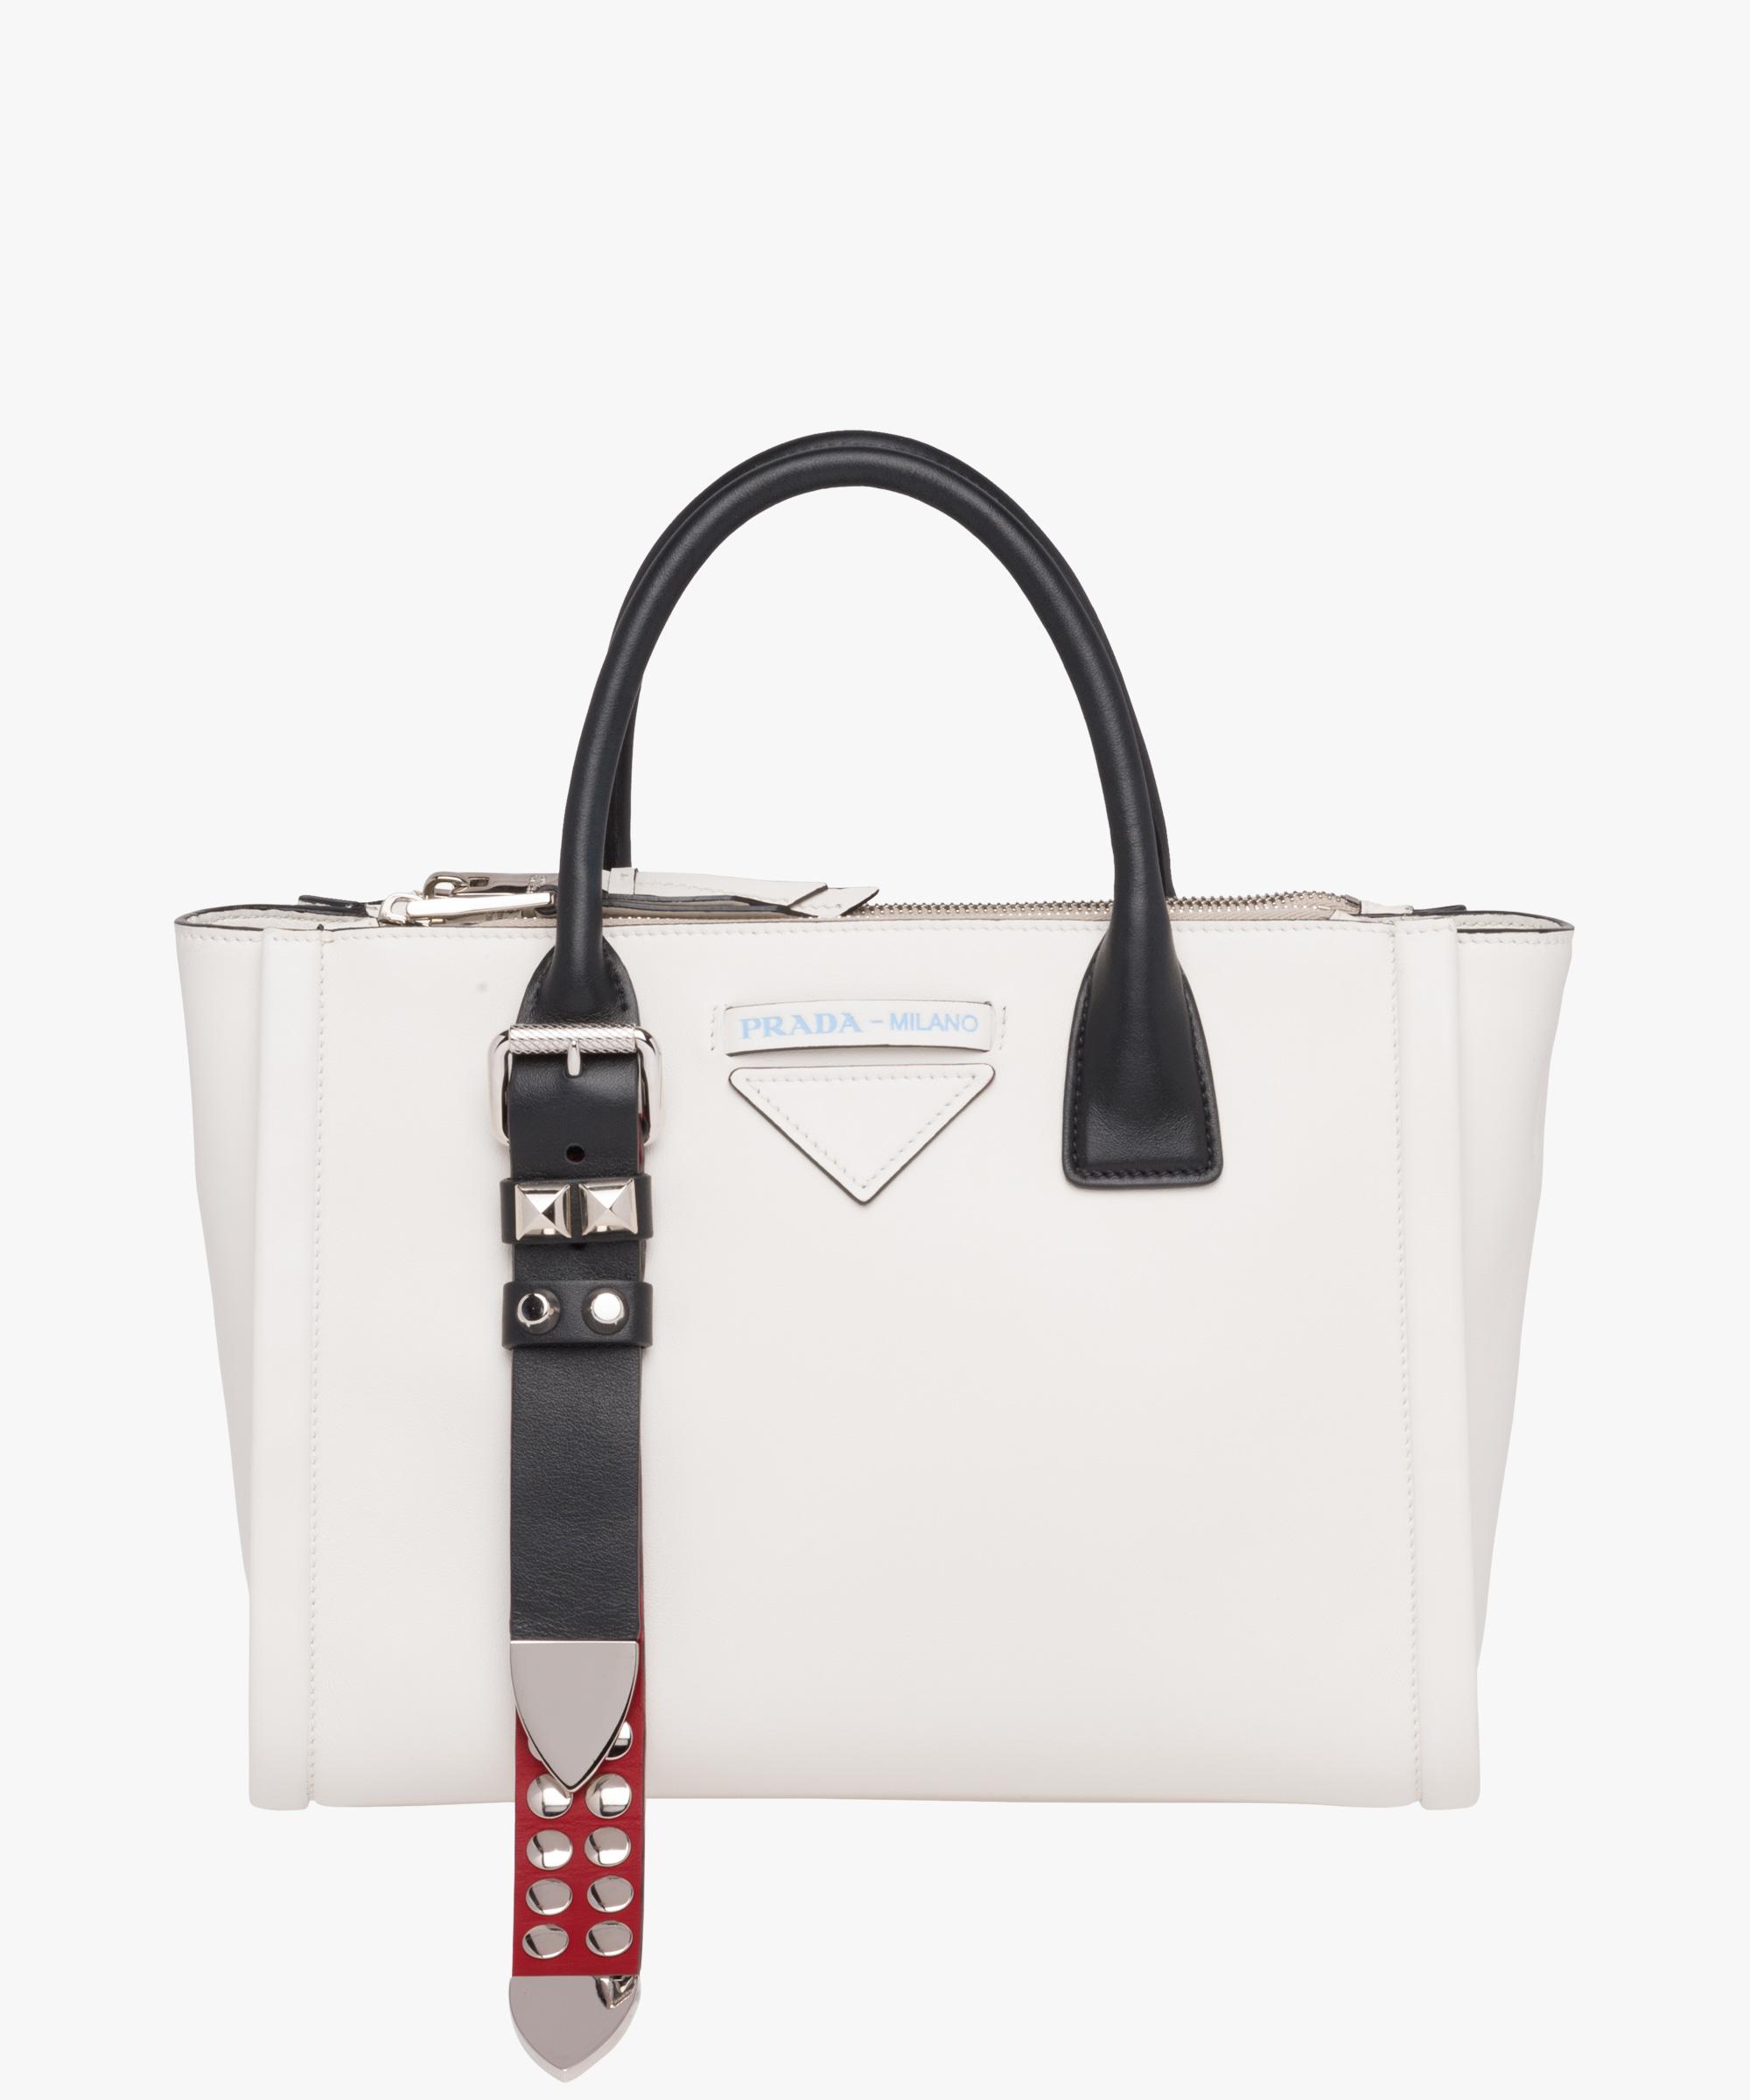 97eb6ea542a5a9 Prada Concept Leather Handbag 1BA175 Brown 2018 t